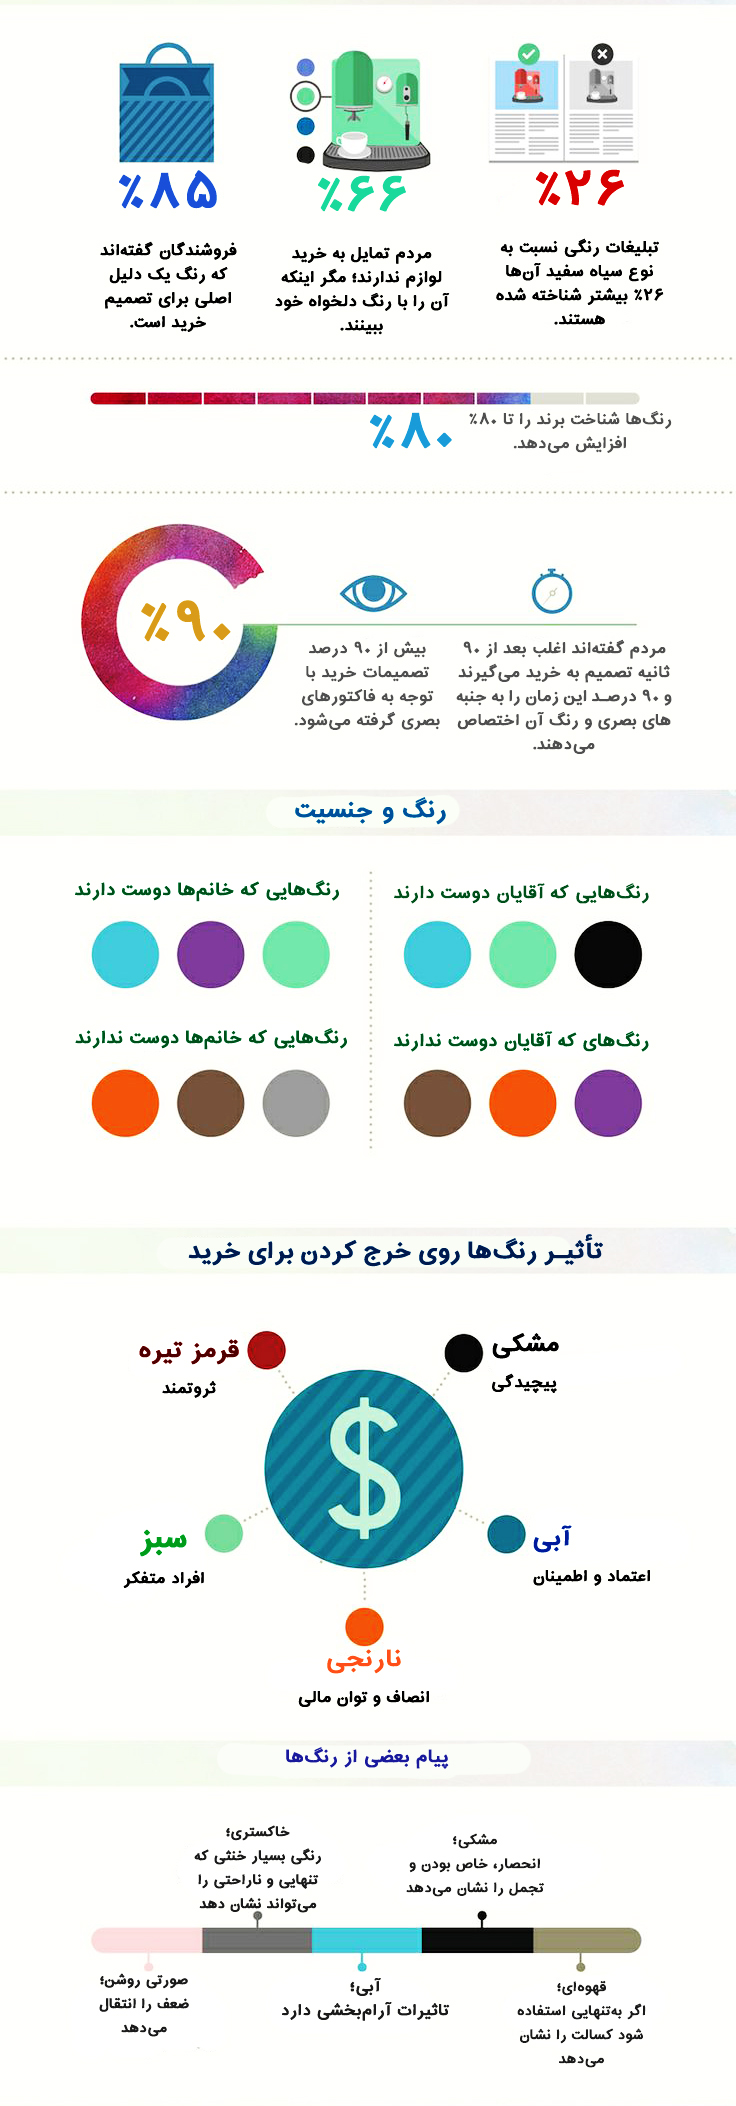 اینفوگرافی روانشناسی رنگها در طراحی سایت